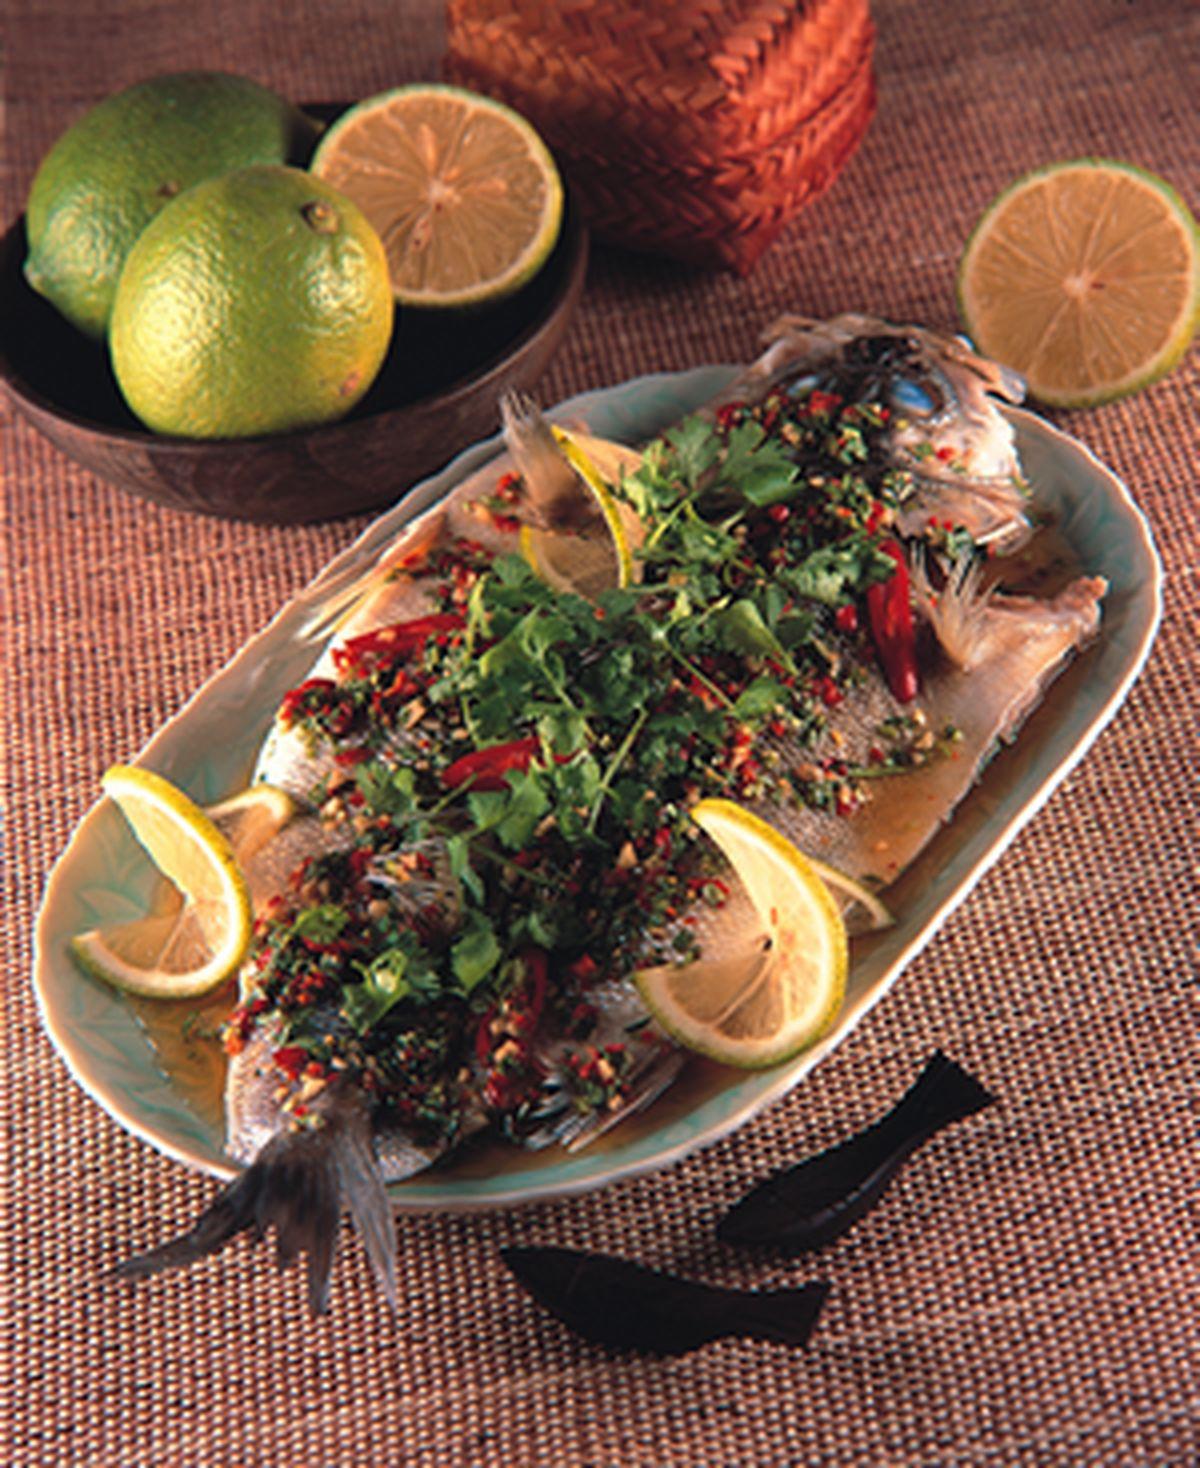 食譜:清蒸檸檬魚